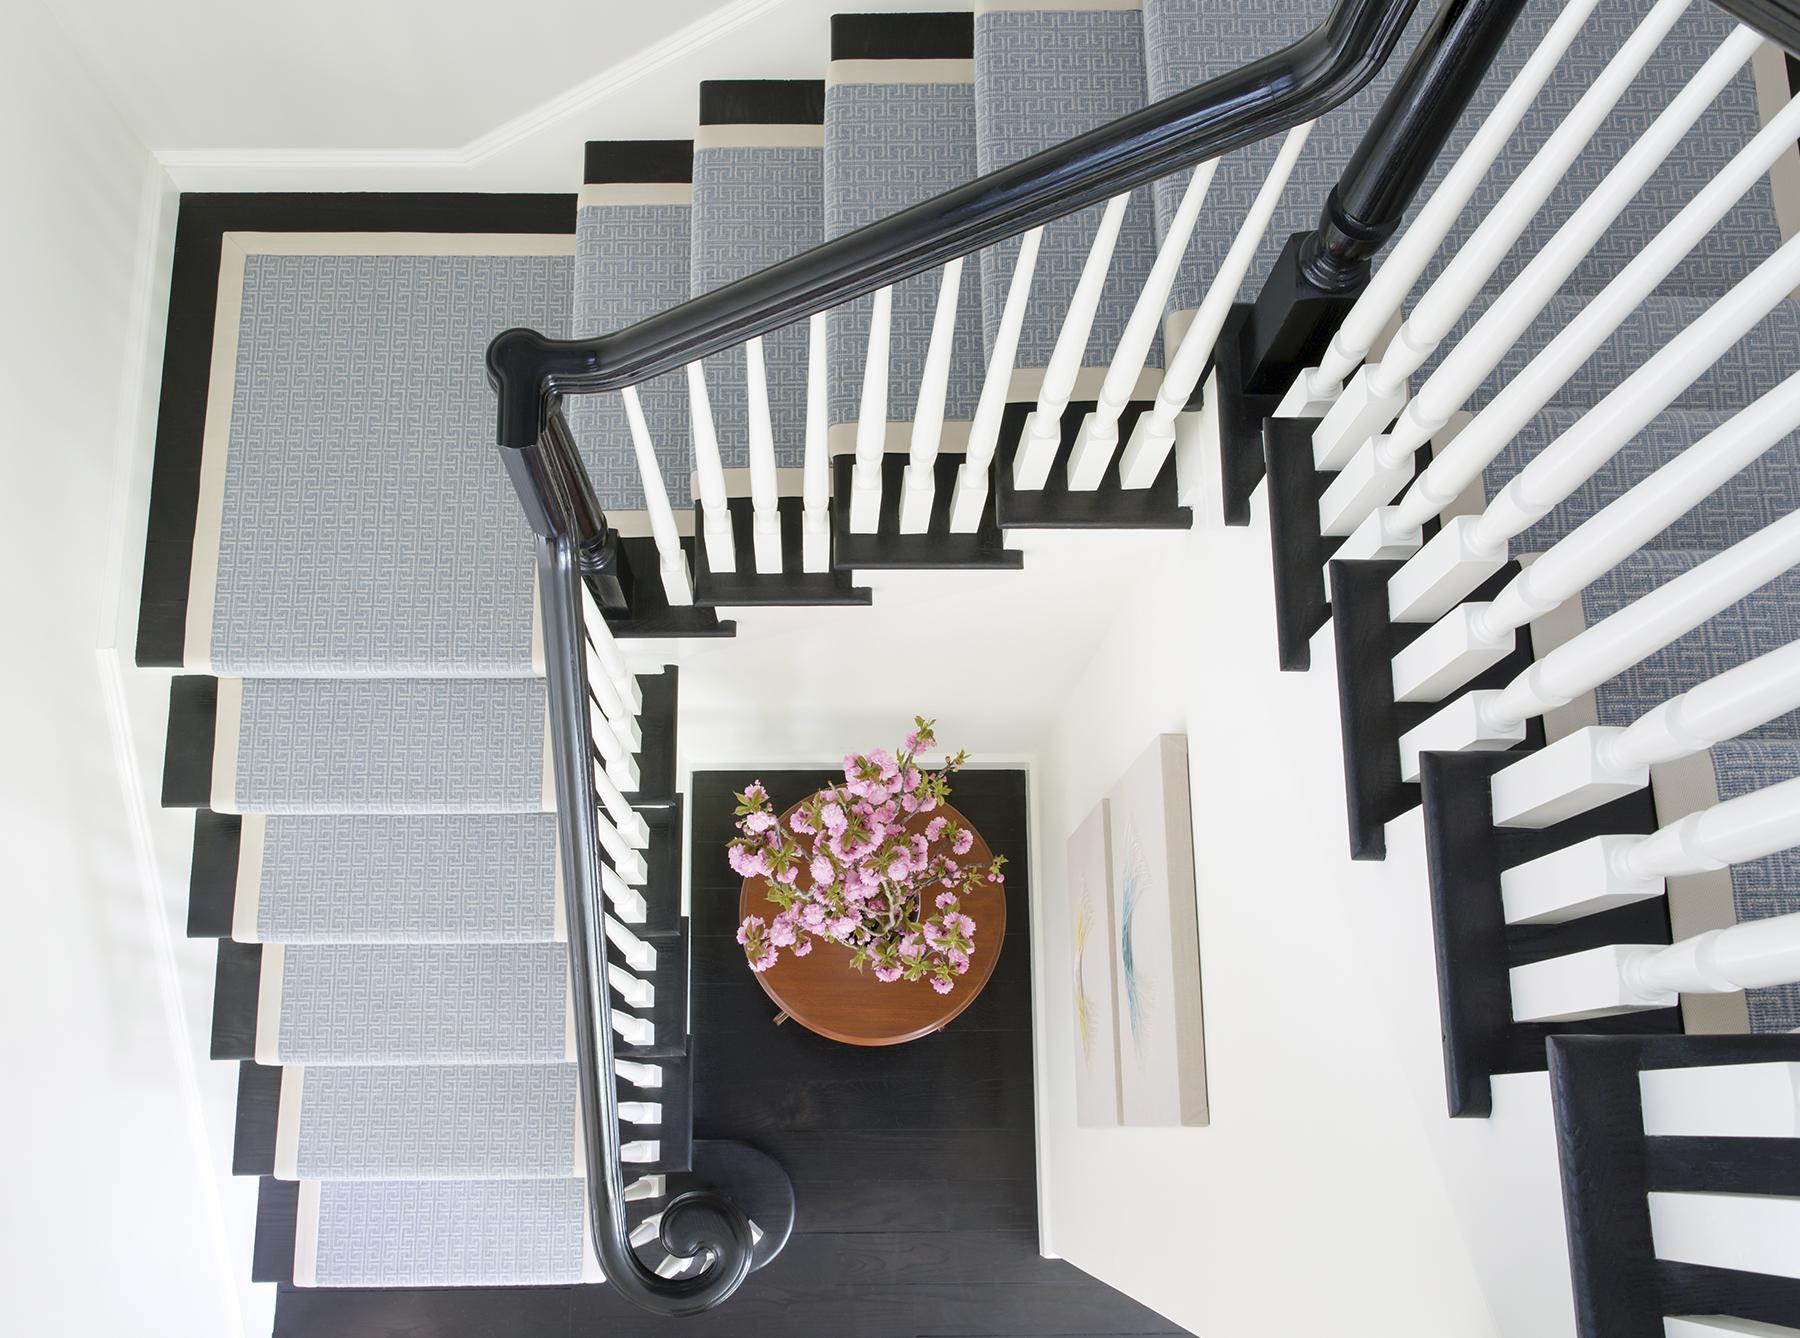 Hermit_Stairwell copy.jpg